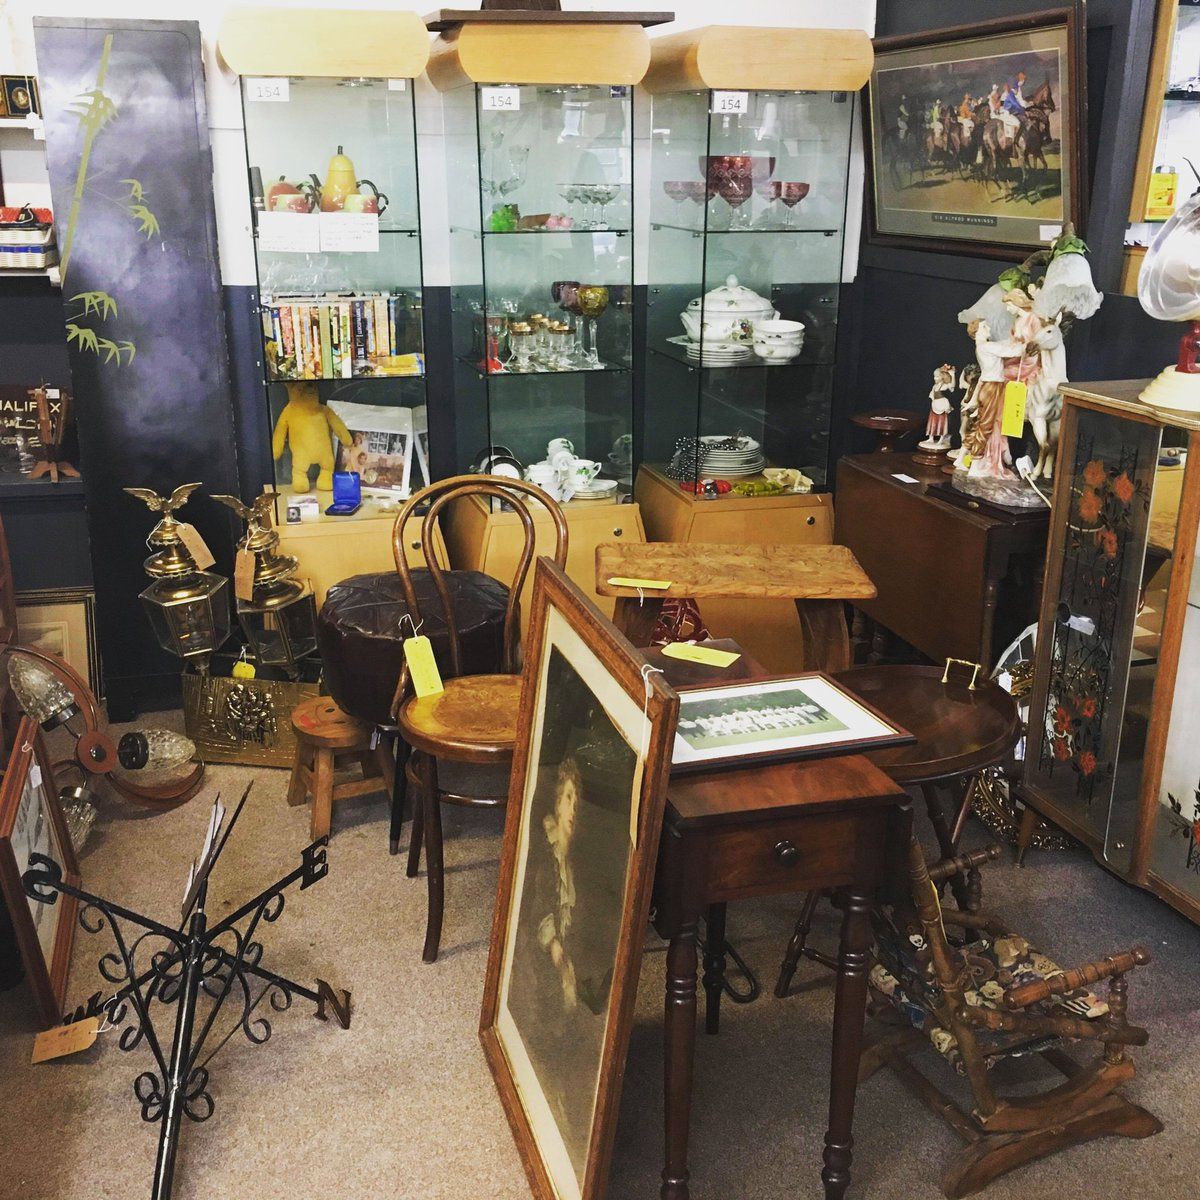 Enjoy your evening!  #antiques #antiquesshopping #virtualantiquesshopping #astraantiquescentre #hemswell #lincolnshire https://t.co/7ETIS127HE https://t.co/SomsU8QsPk